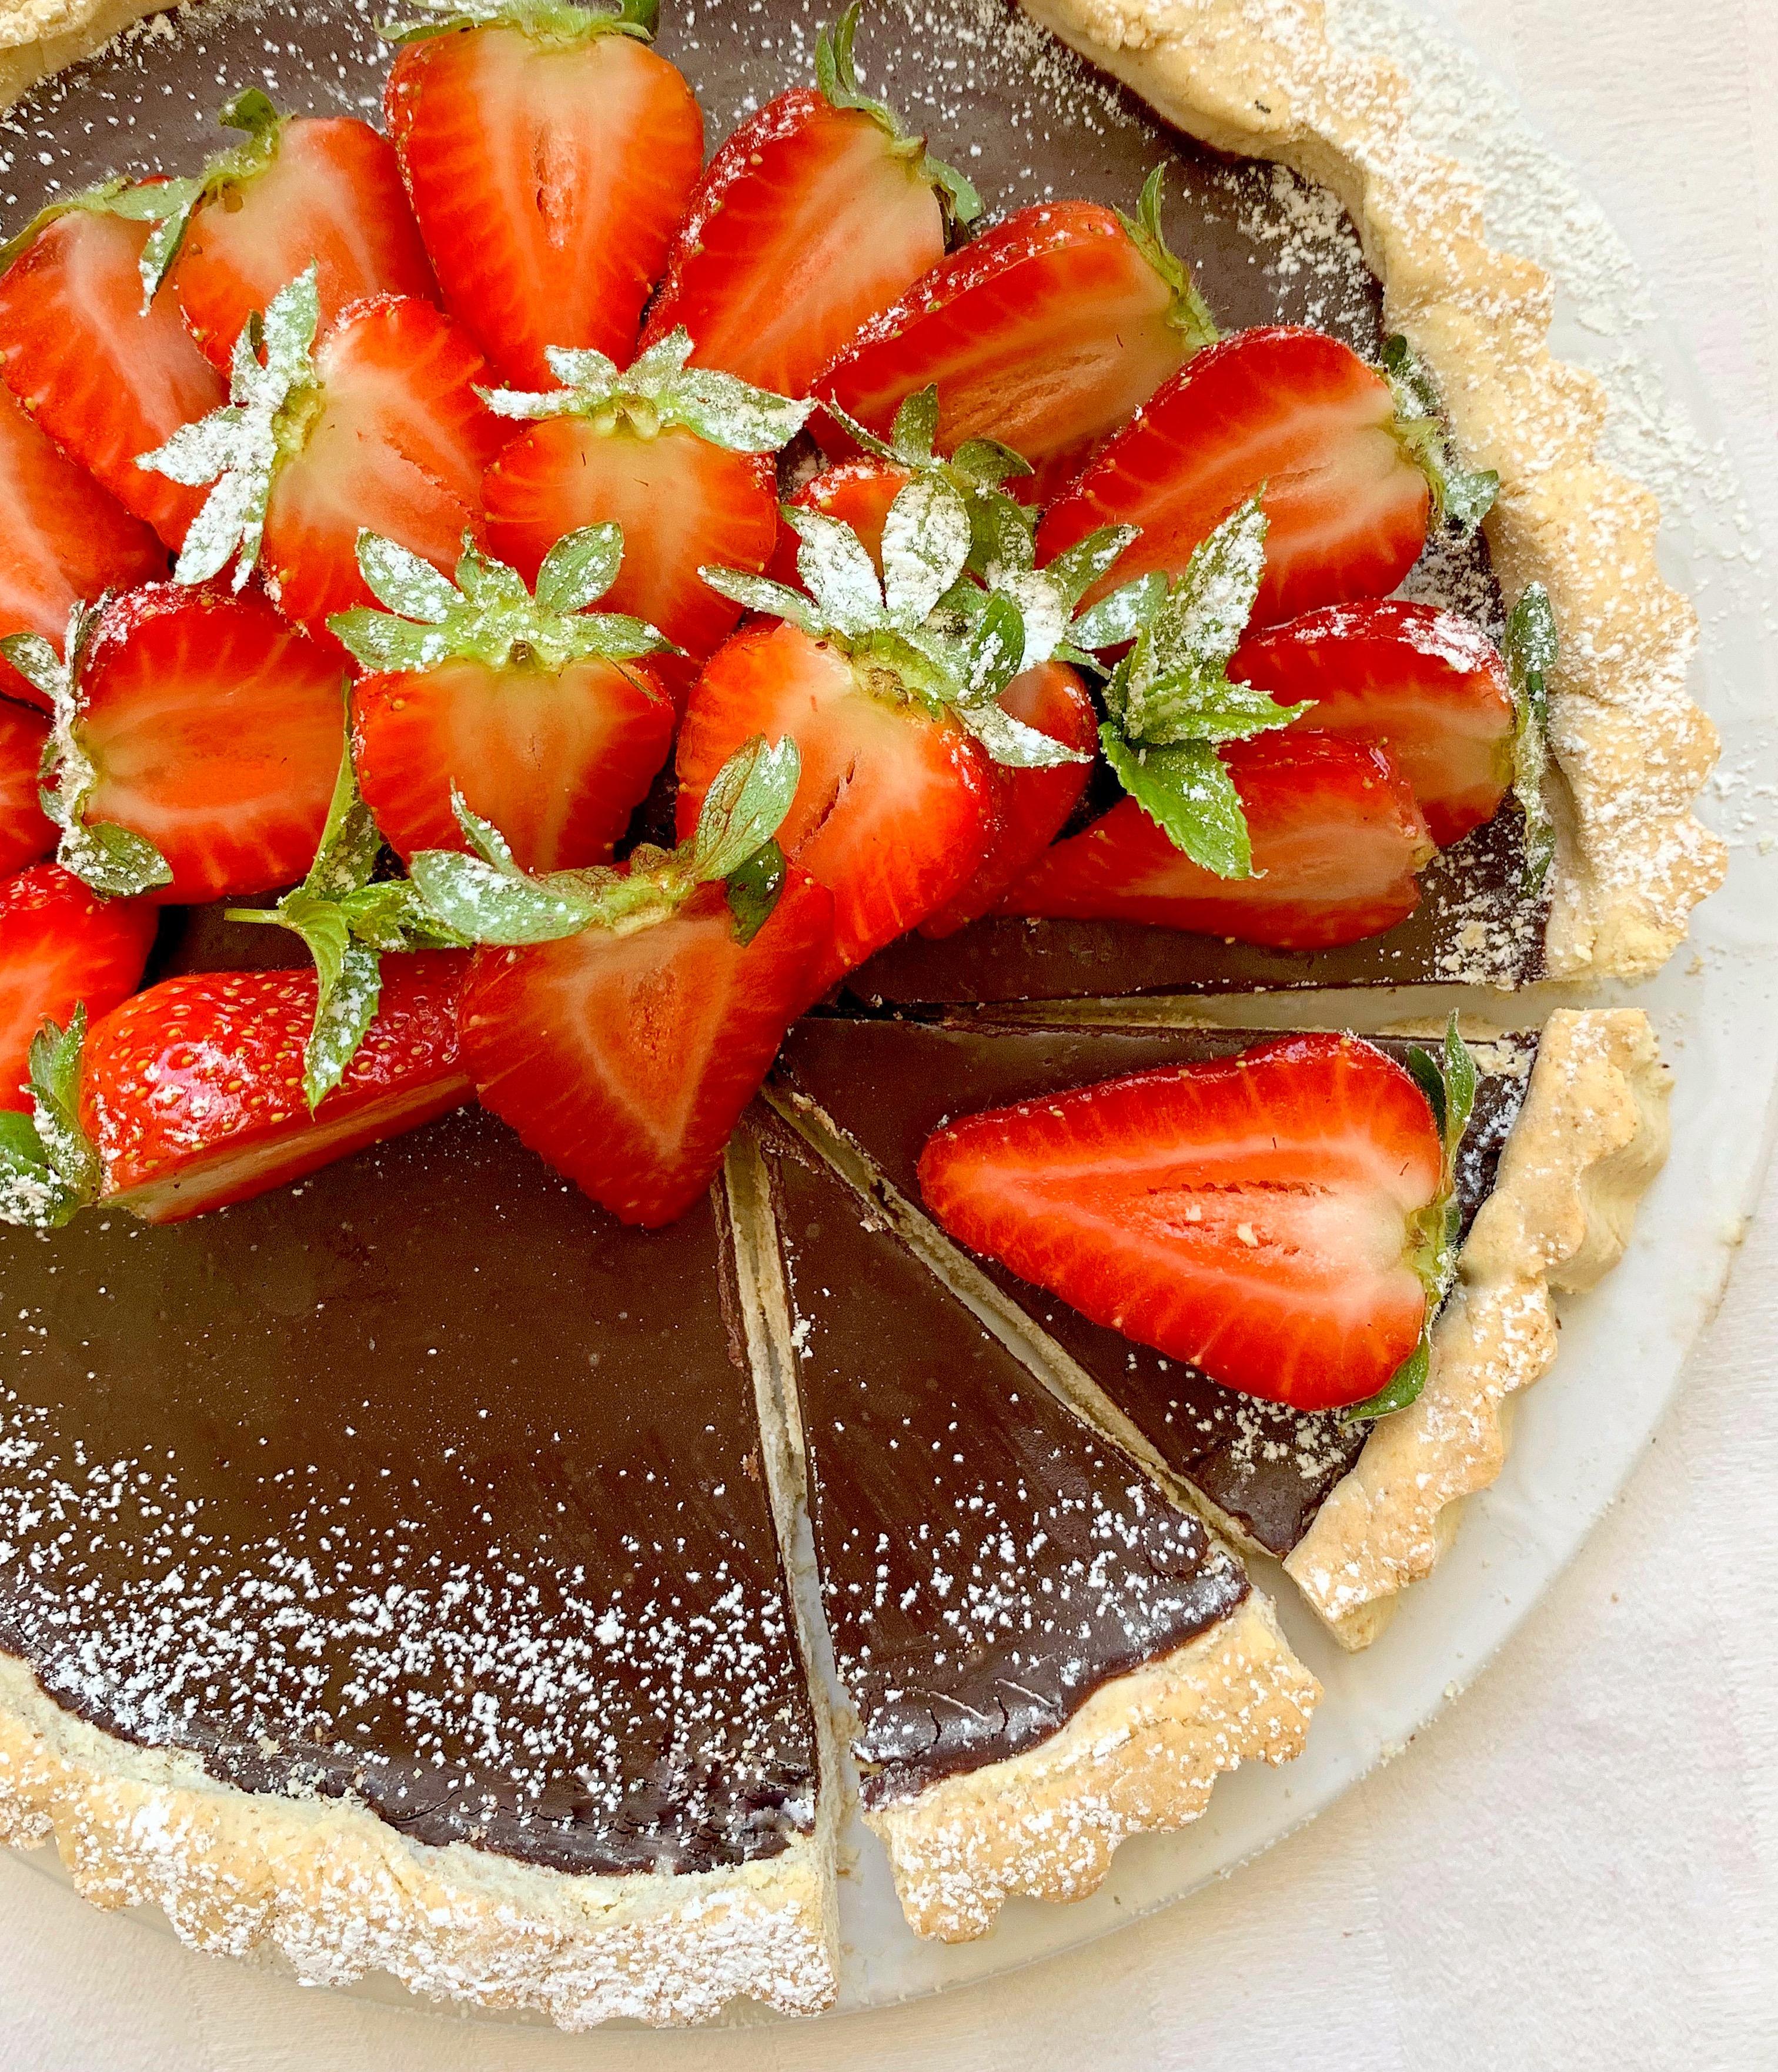 La Crostata Senza Burro di Fragole e Cioccolato è un goloso e sfizioso dolce senza burro realizzato da pasta frolla all'olio,ganache al cioccolato e fragole